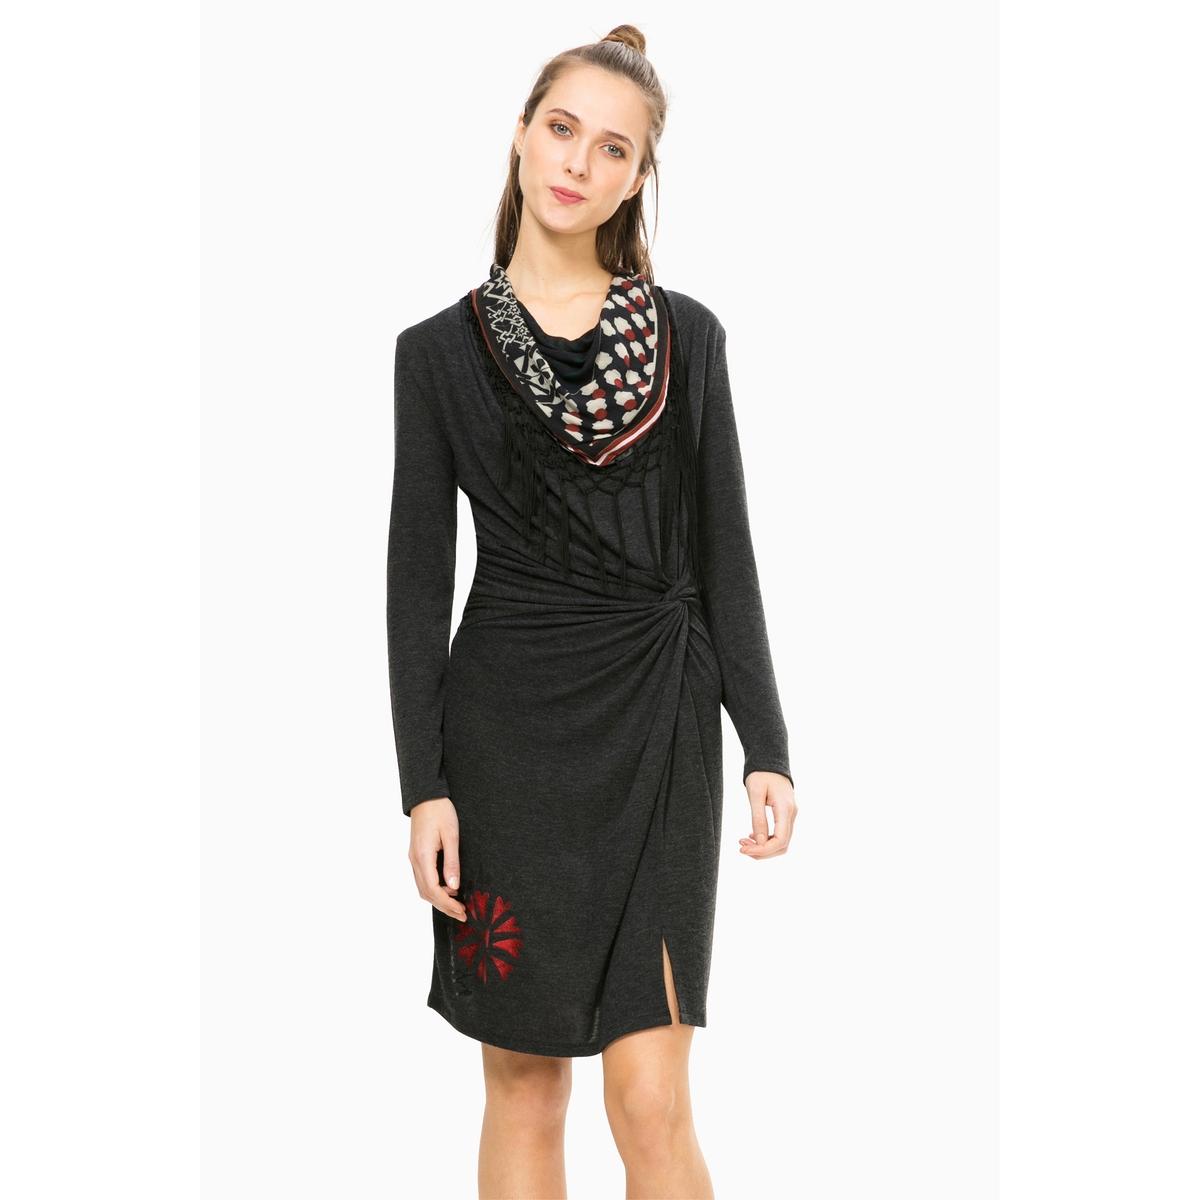 Платье прямое с разрезом, Vest ShelbyСостав и описаниеМарка : DESIGUALМодель : Vest ShelbyМатериал : 80% вискозы, 20% полиэстера<br><br>Цвет: черный<br>Размер: M